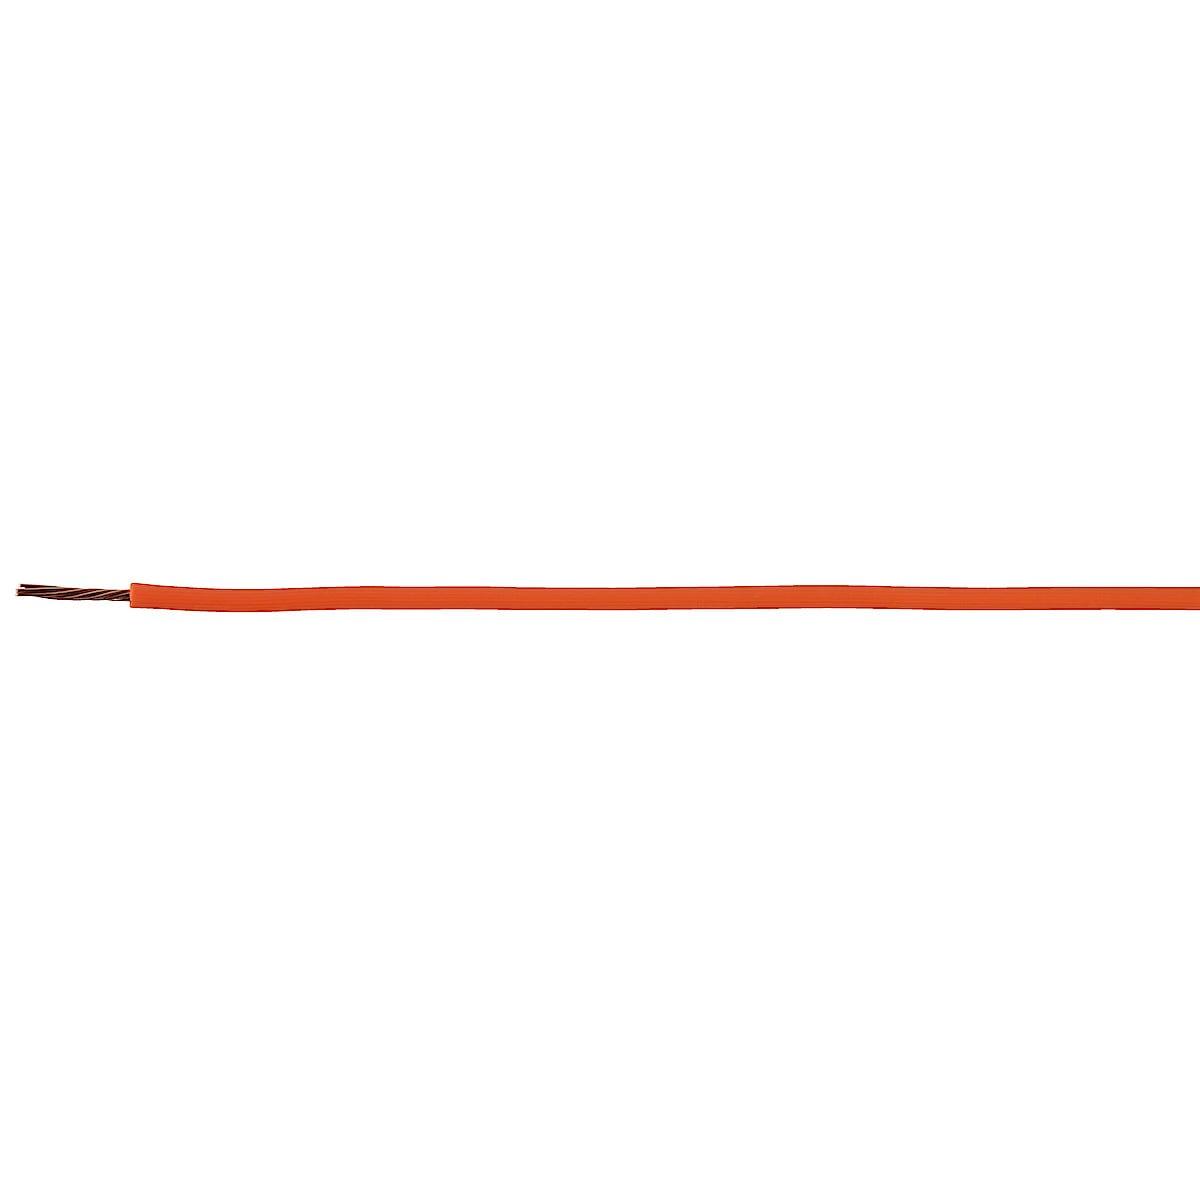 Kabel FQ 15 mm² orange